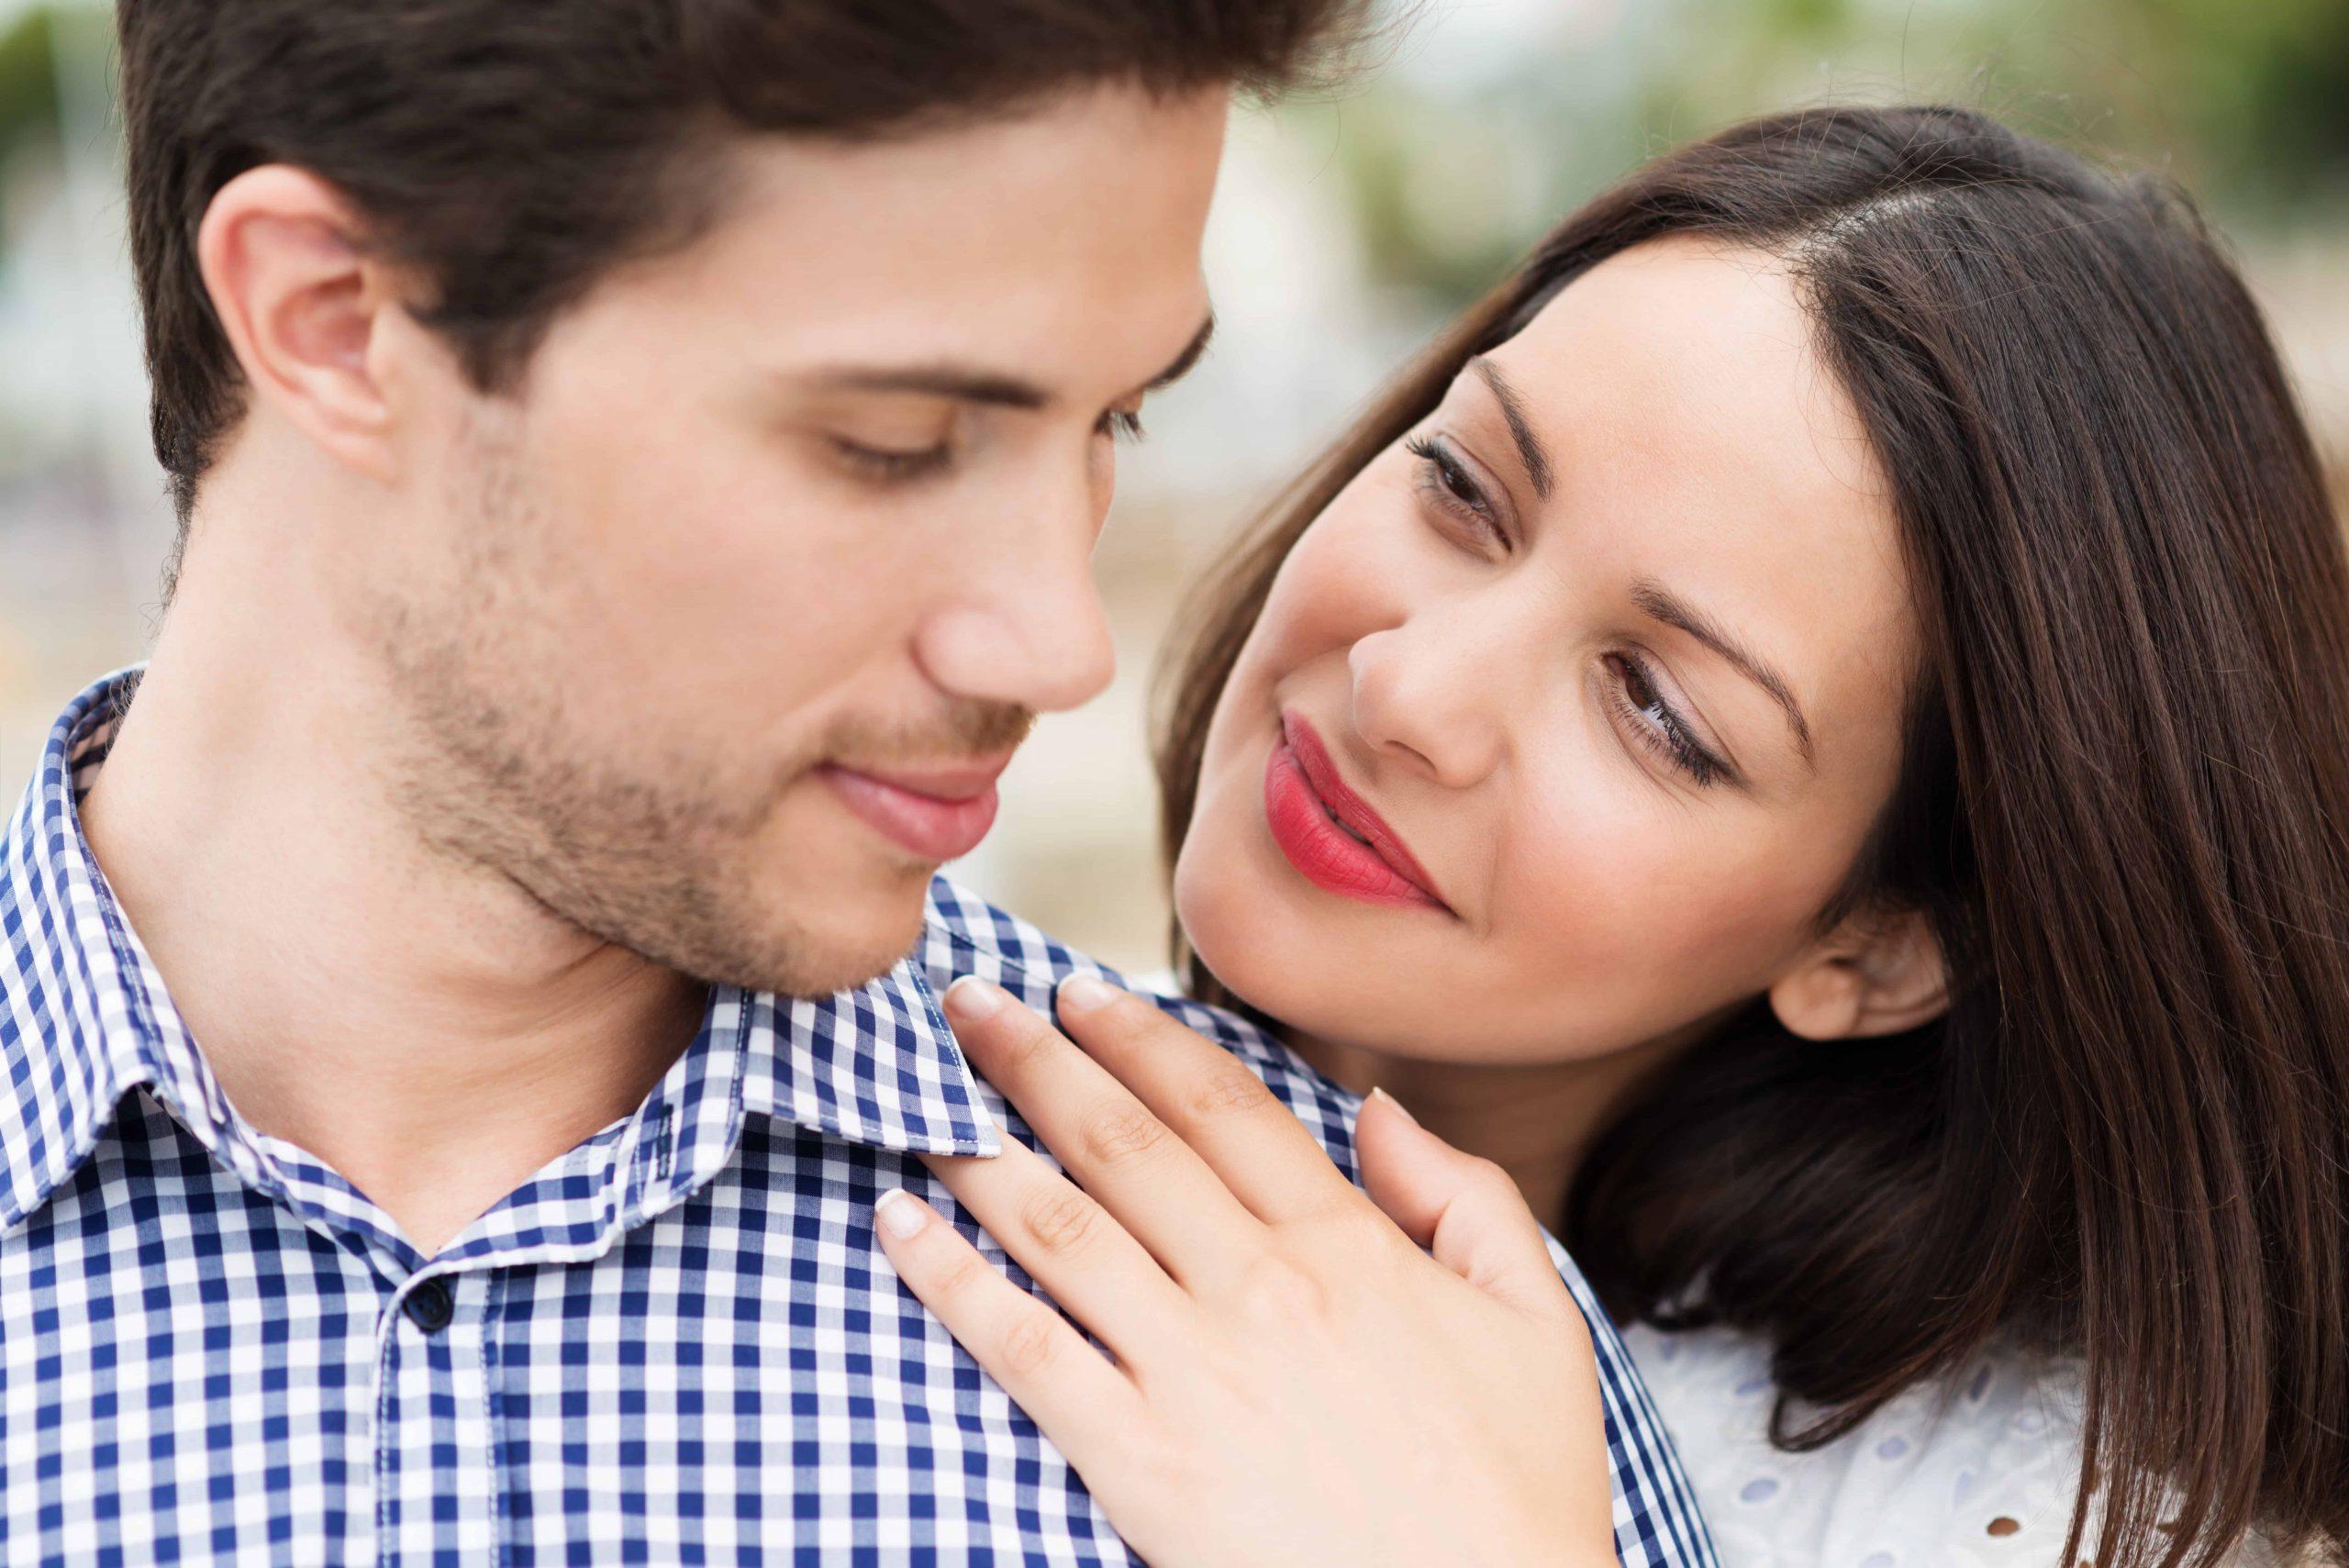 برای وابسته کردن شوهر از او حمایت کنید